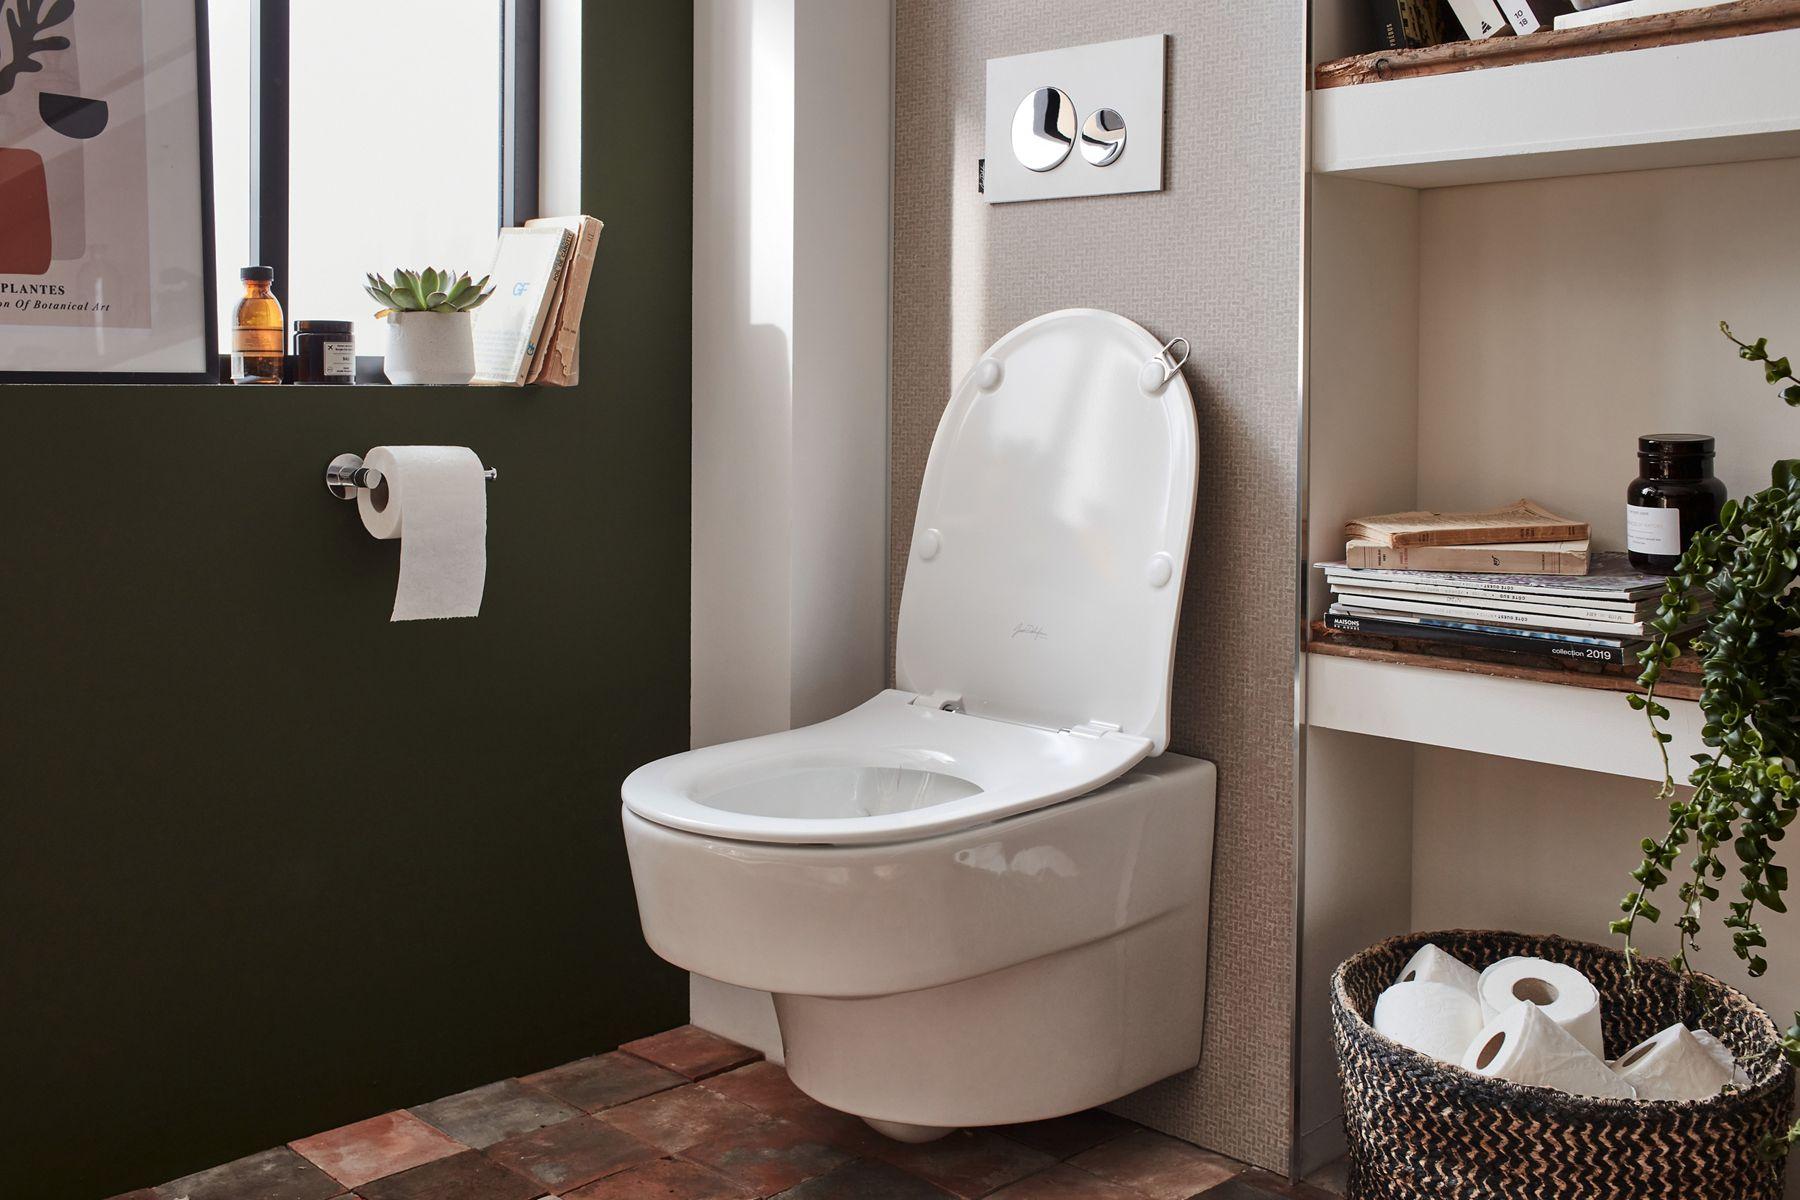 Quelles couleurs pour mes toilettes ?